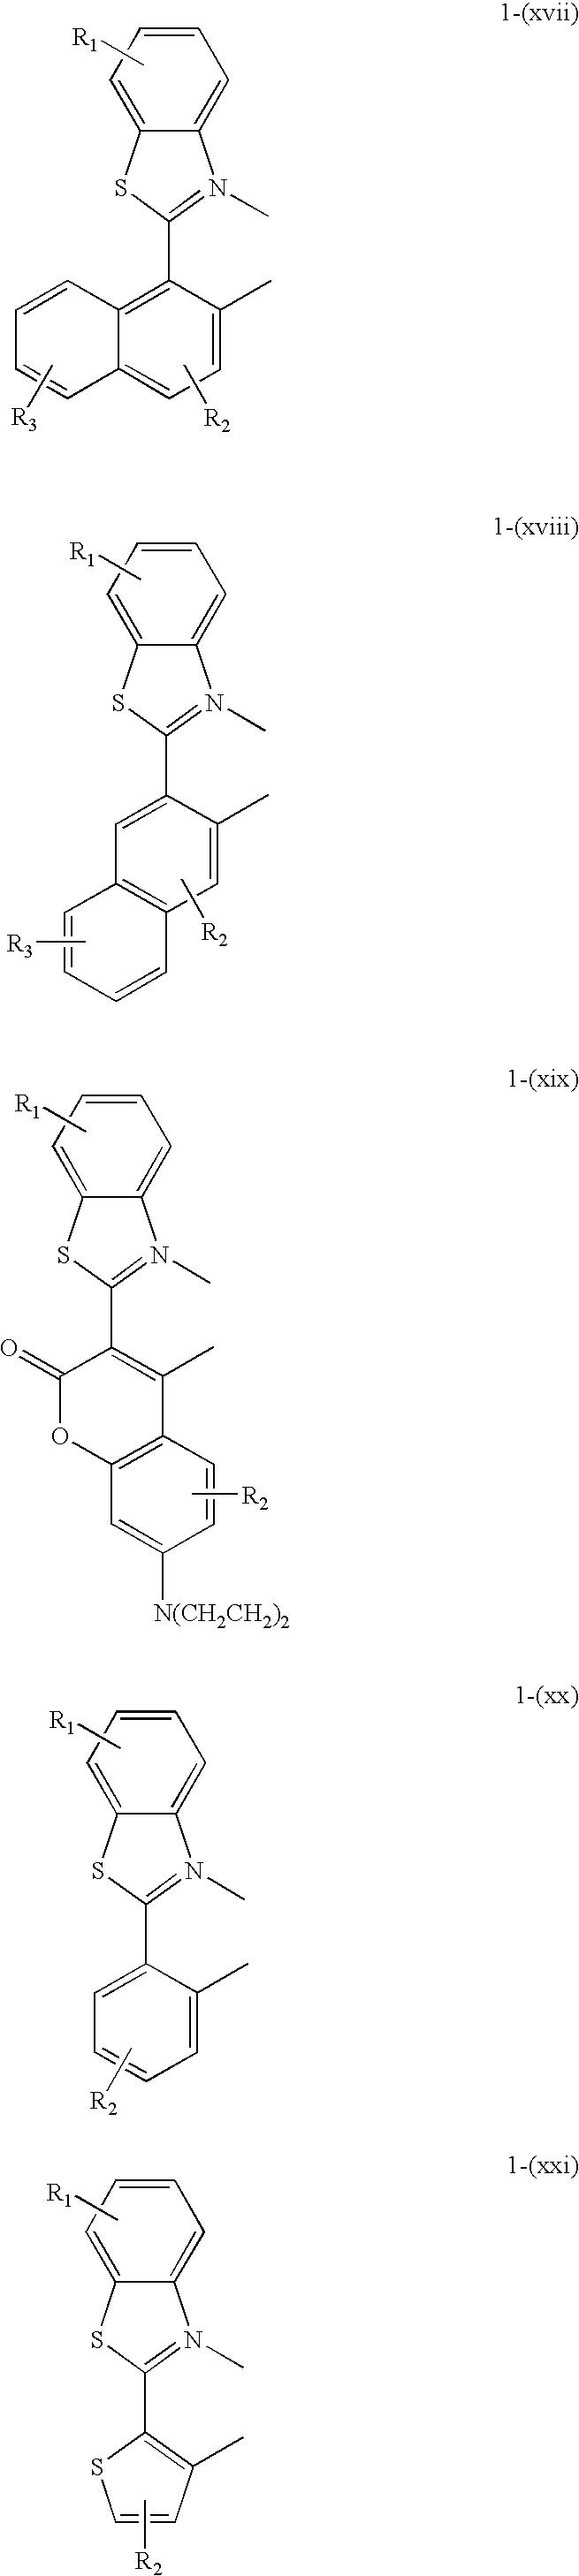 Figure US20060177695A1-20060810-C00008